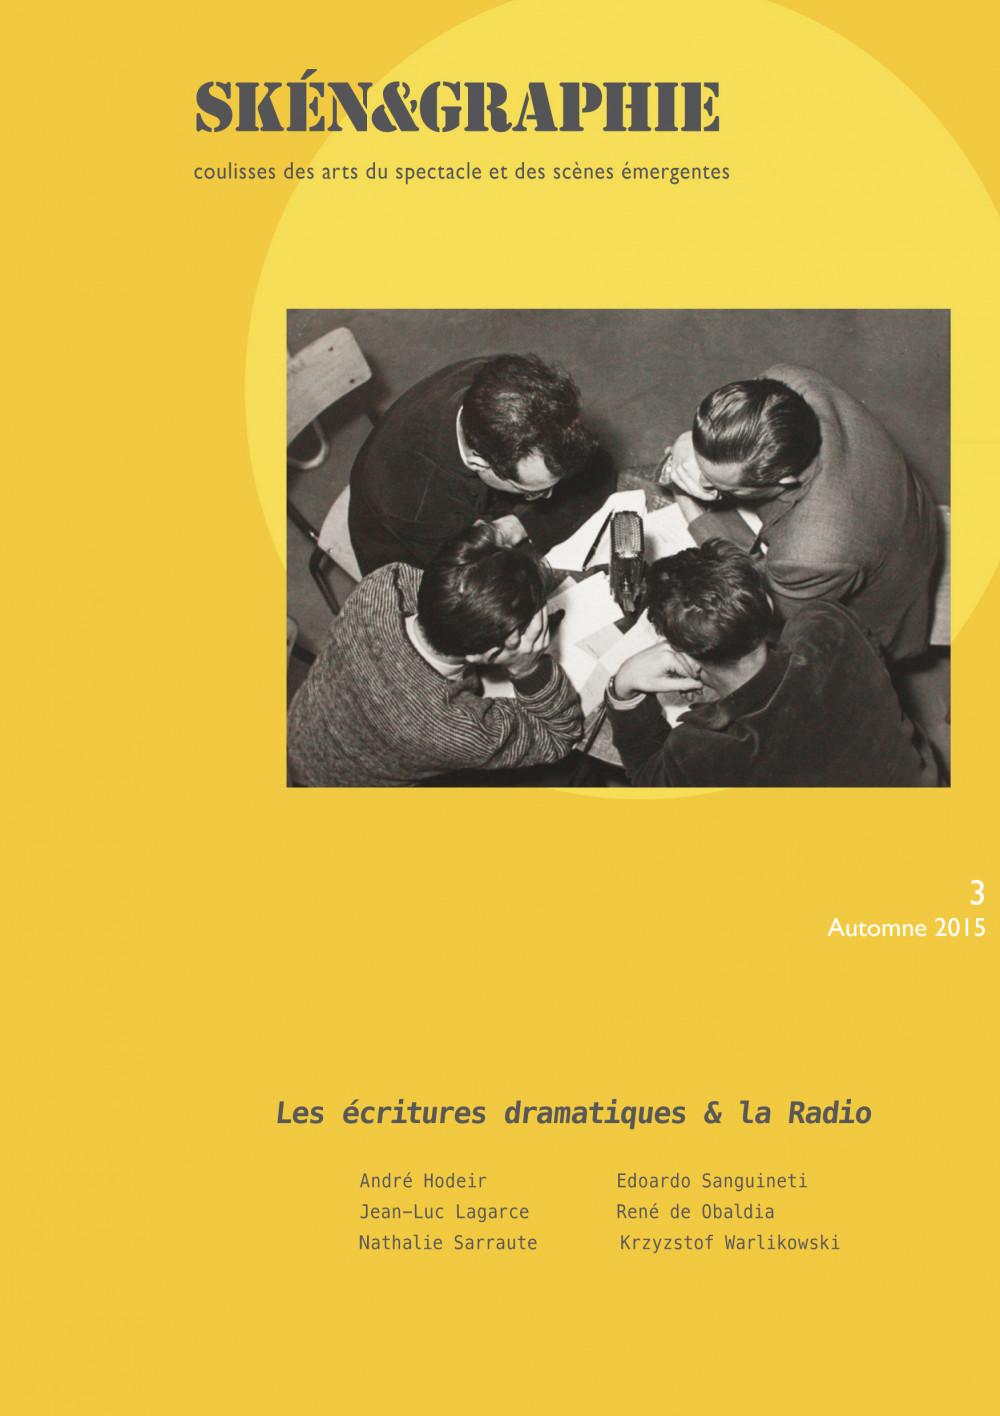 Les écritures dramatiques et la radio